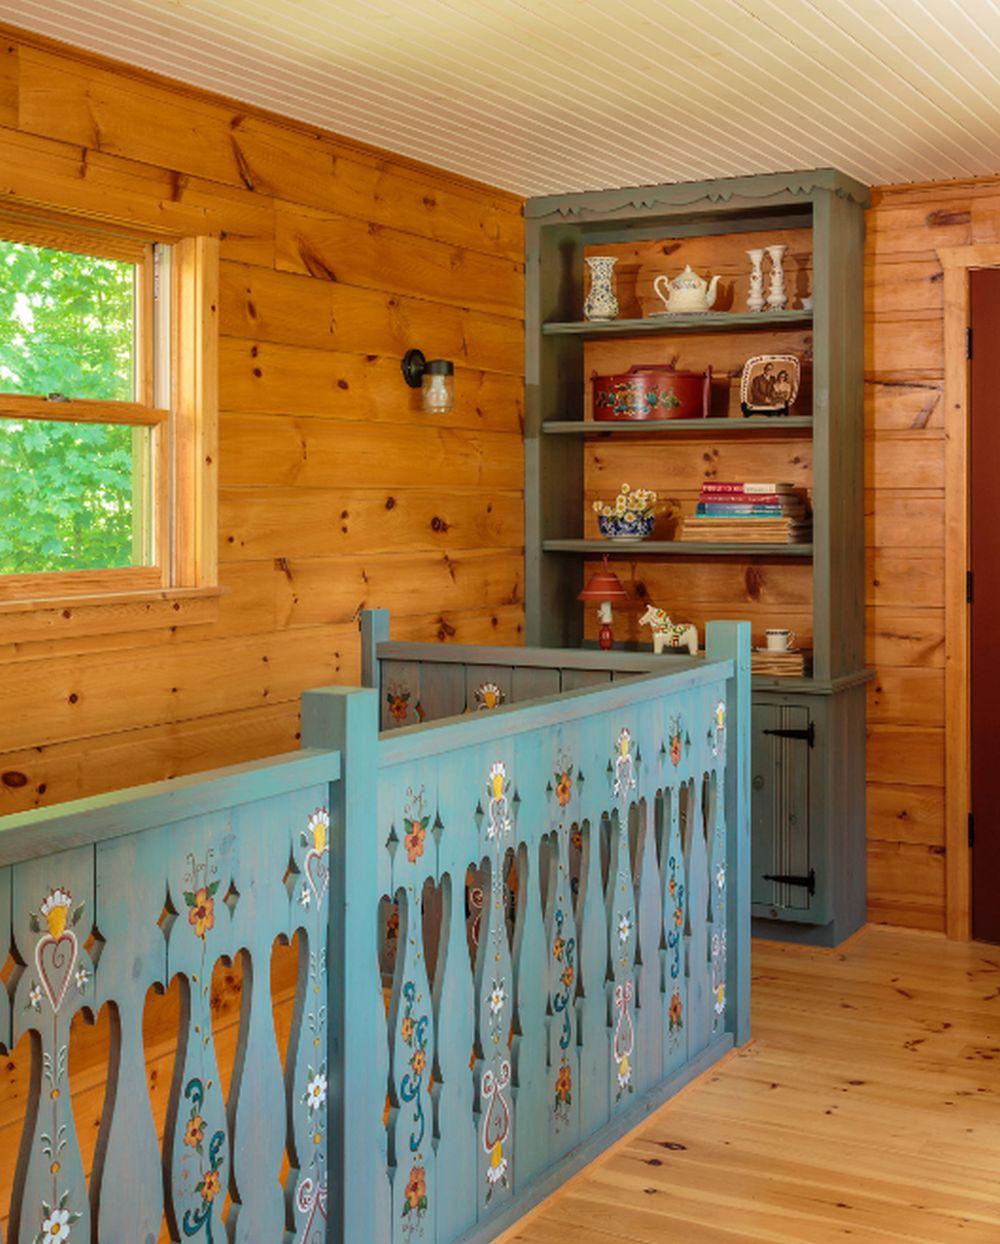 adelaparvu.com despre cabana rustica cu picturi scandinave, design Virge Temme Architecture, Foto Mark Lohmann (5)